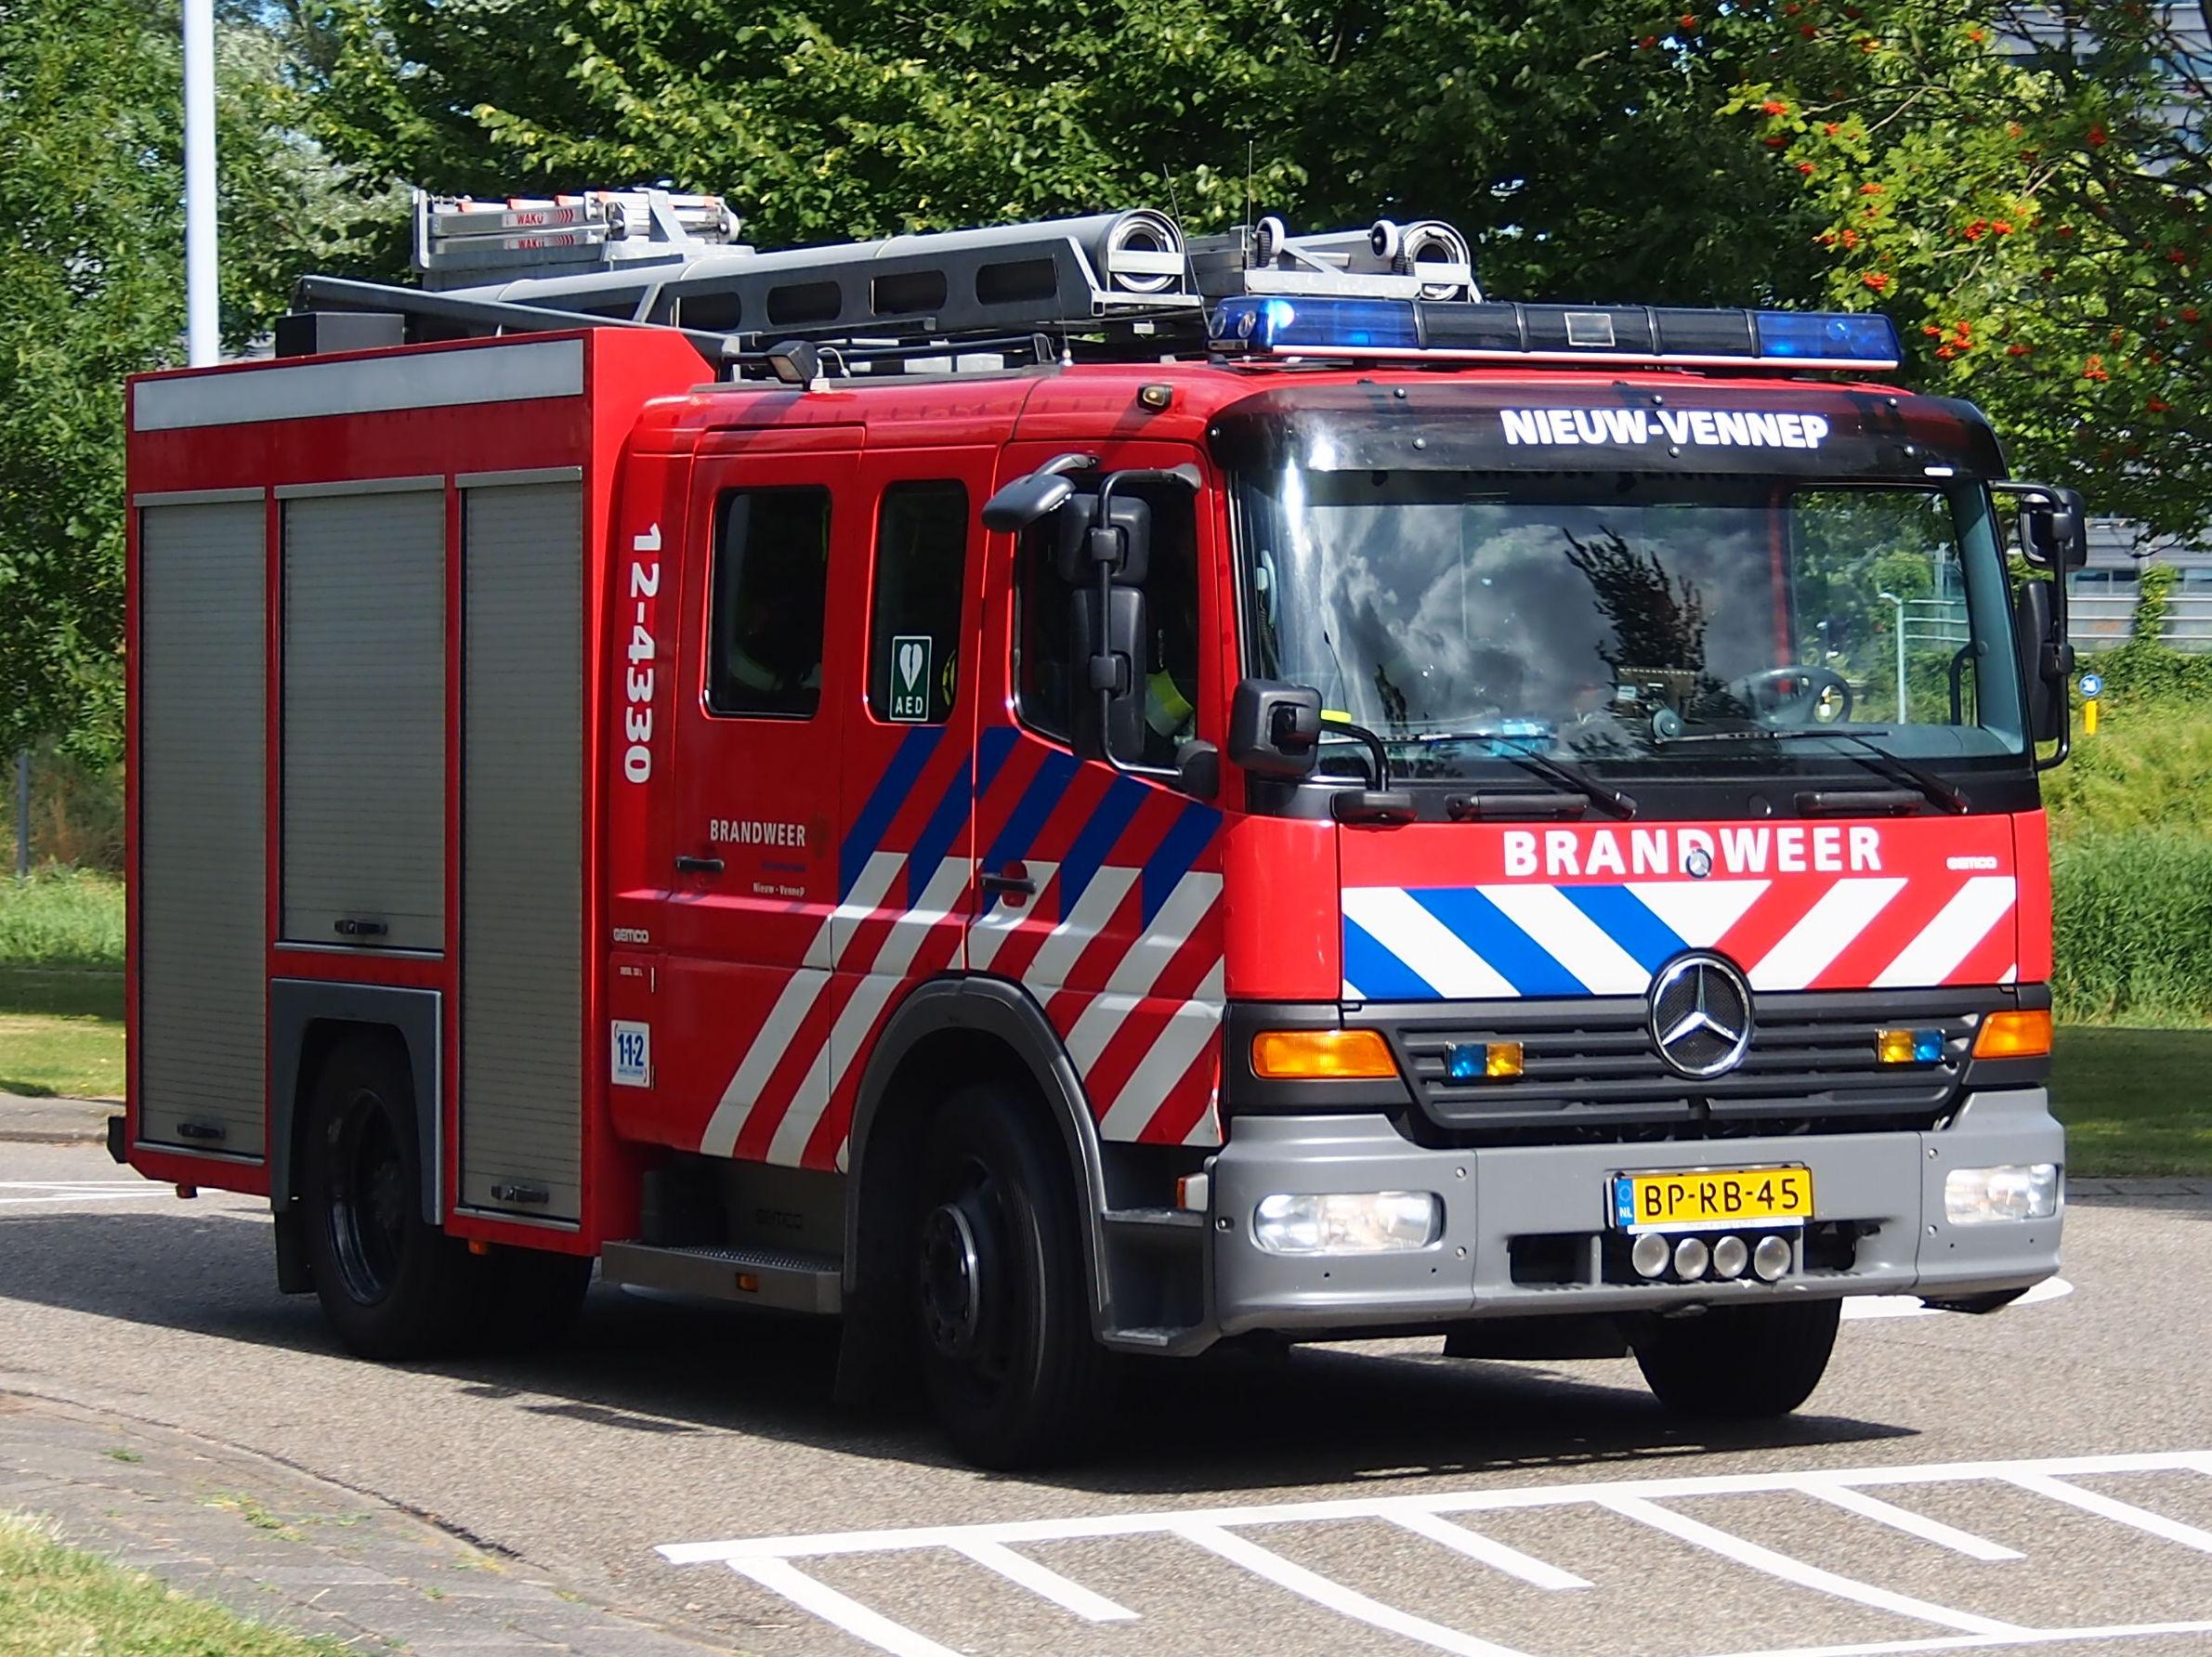 Zelfs met een ploeg van 25 man kan de brandweer weinig doen. Bron: Wikimedia